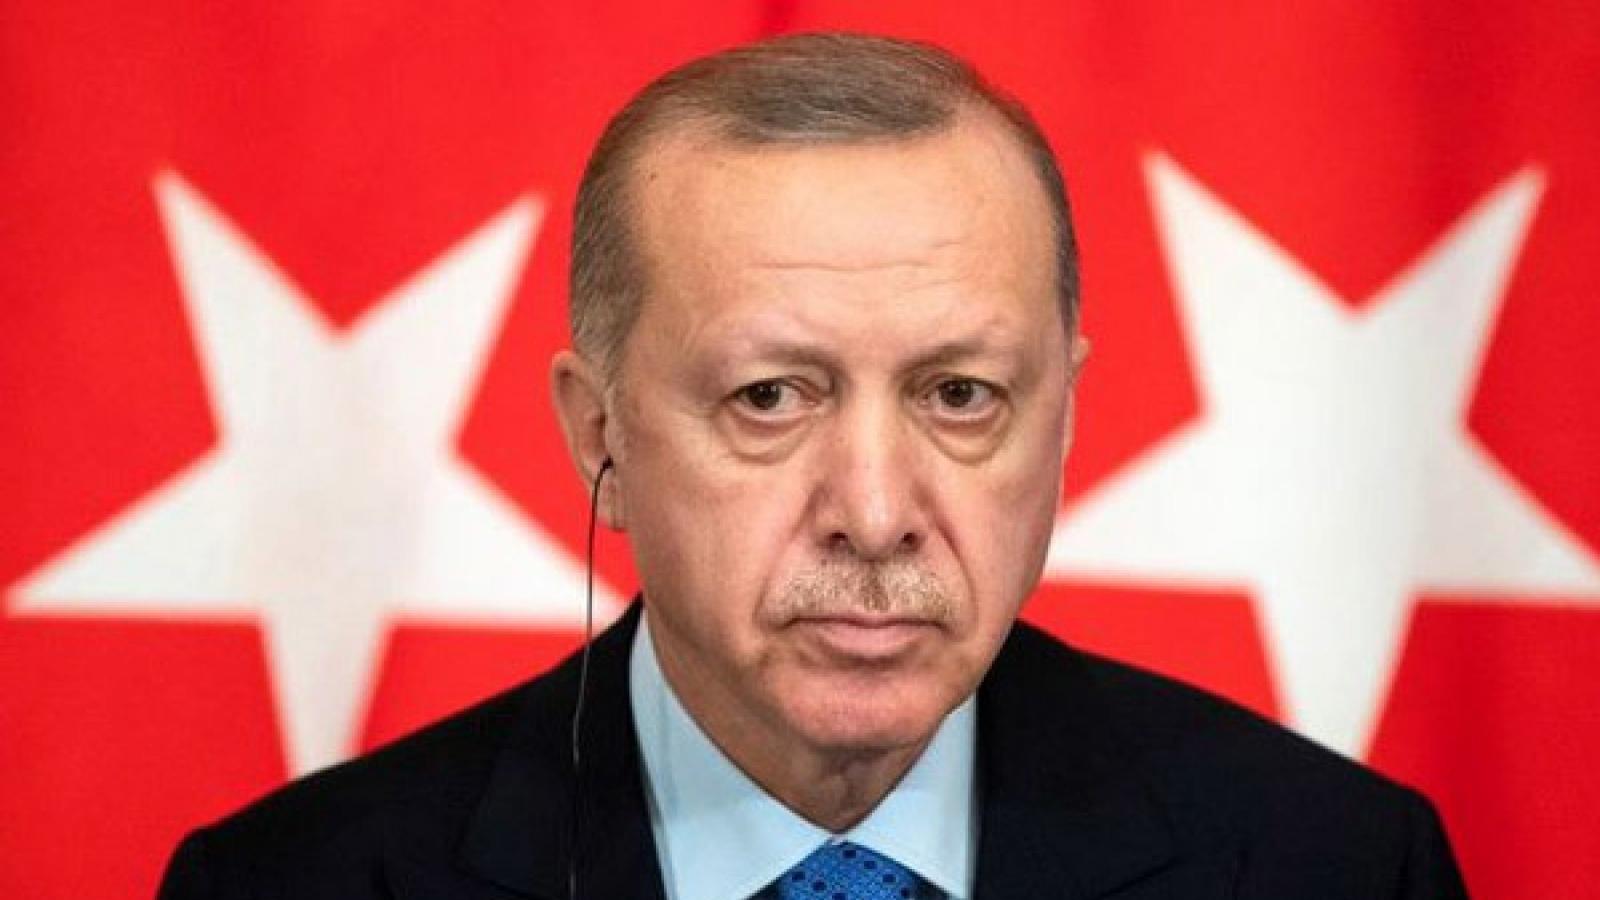 Thổ Nhĩ Kỳ rút khỏi Công ước Istanbul: EU và Tổng thống MỹBiden đều có phản ứng